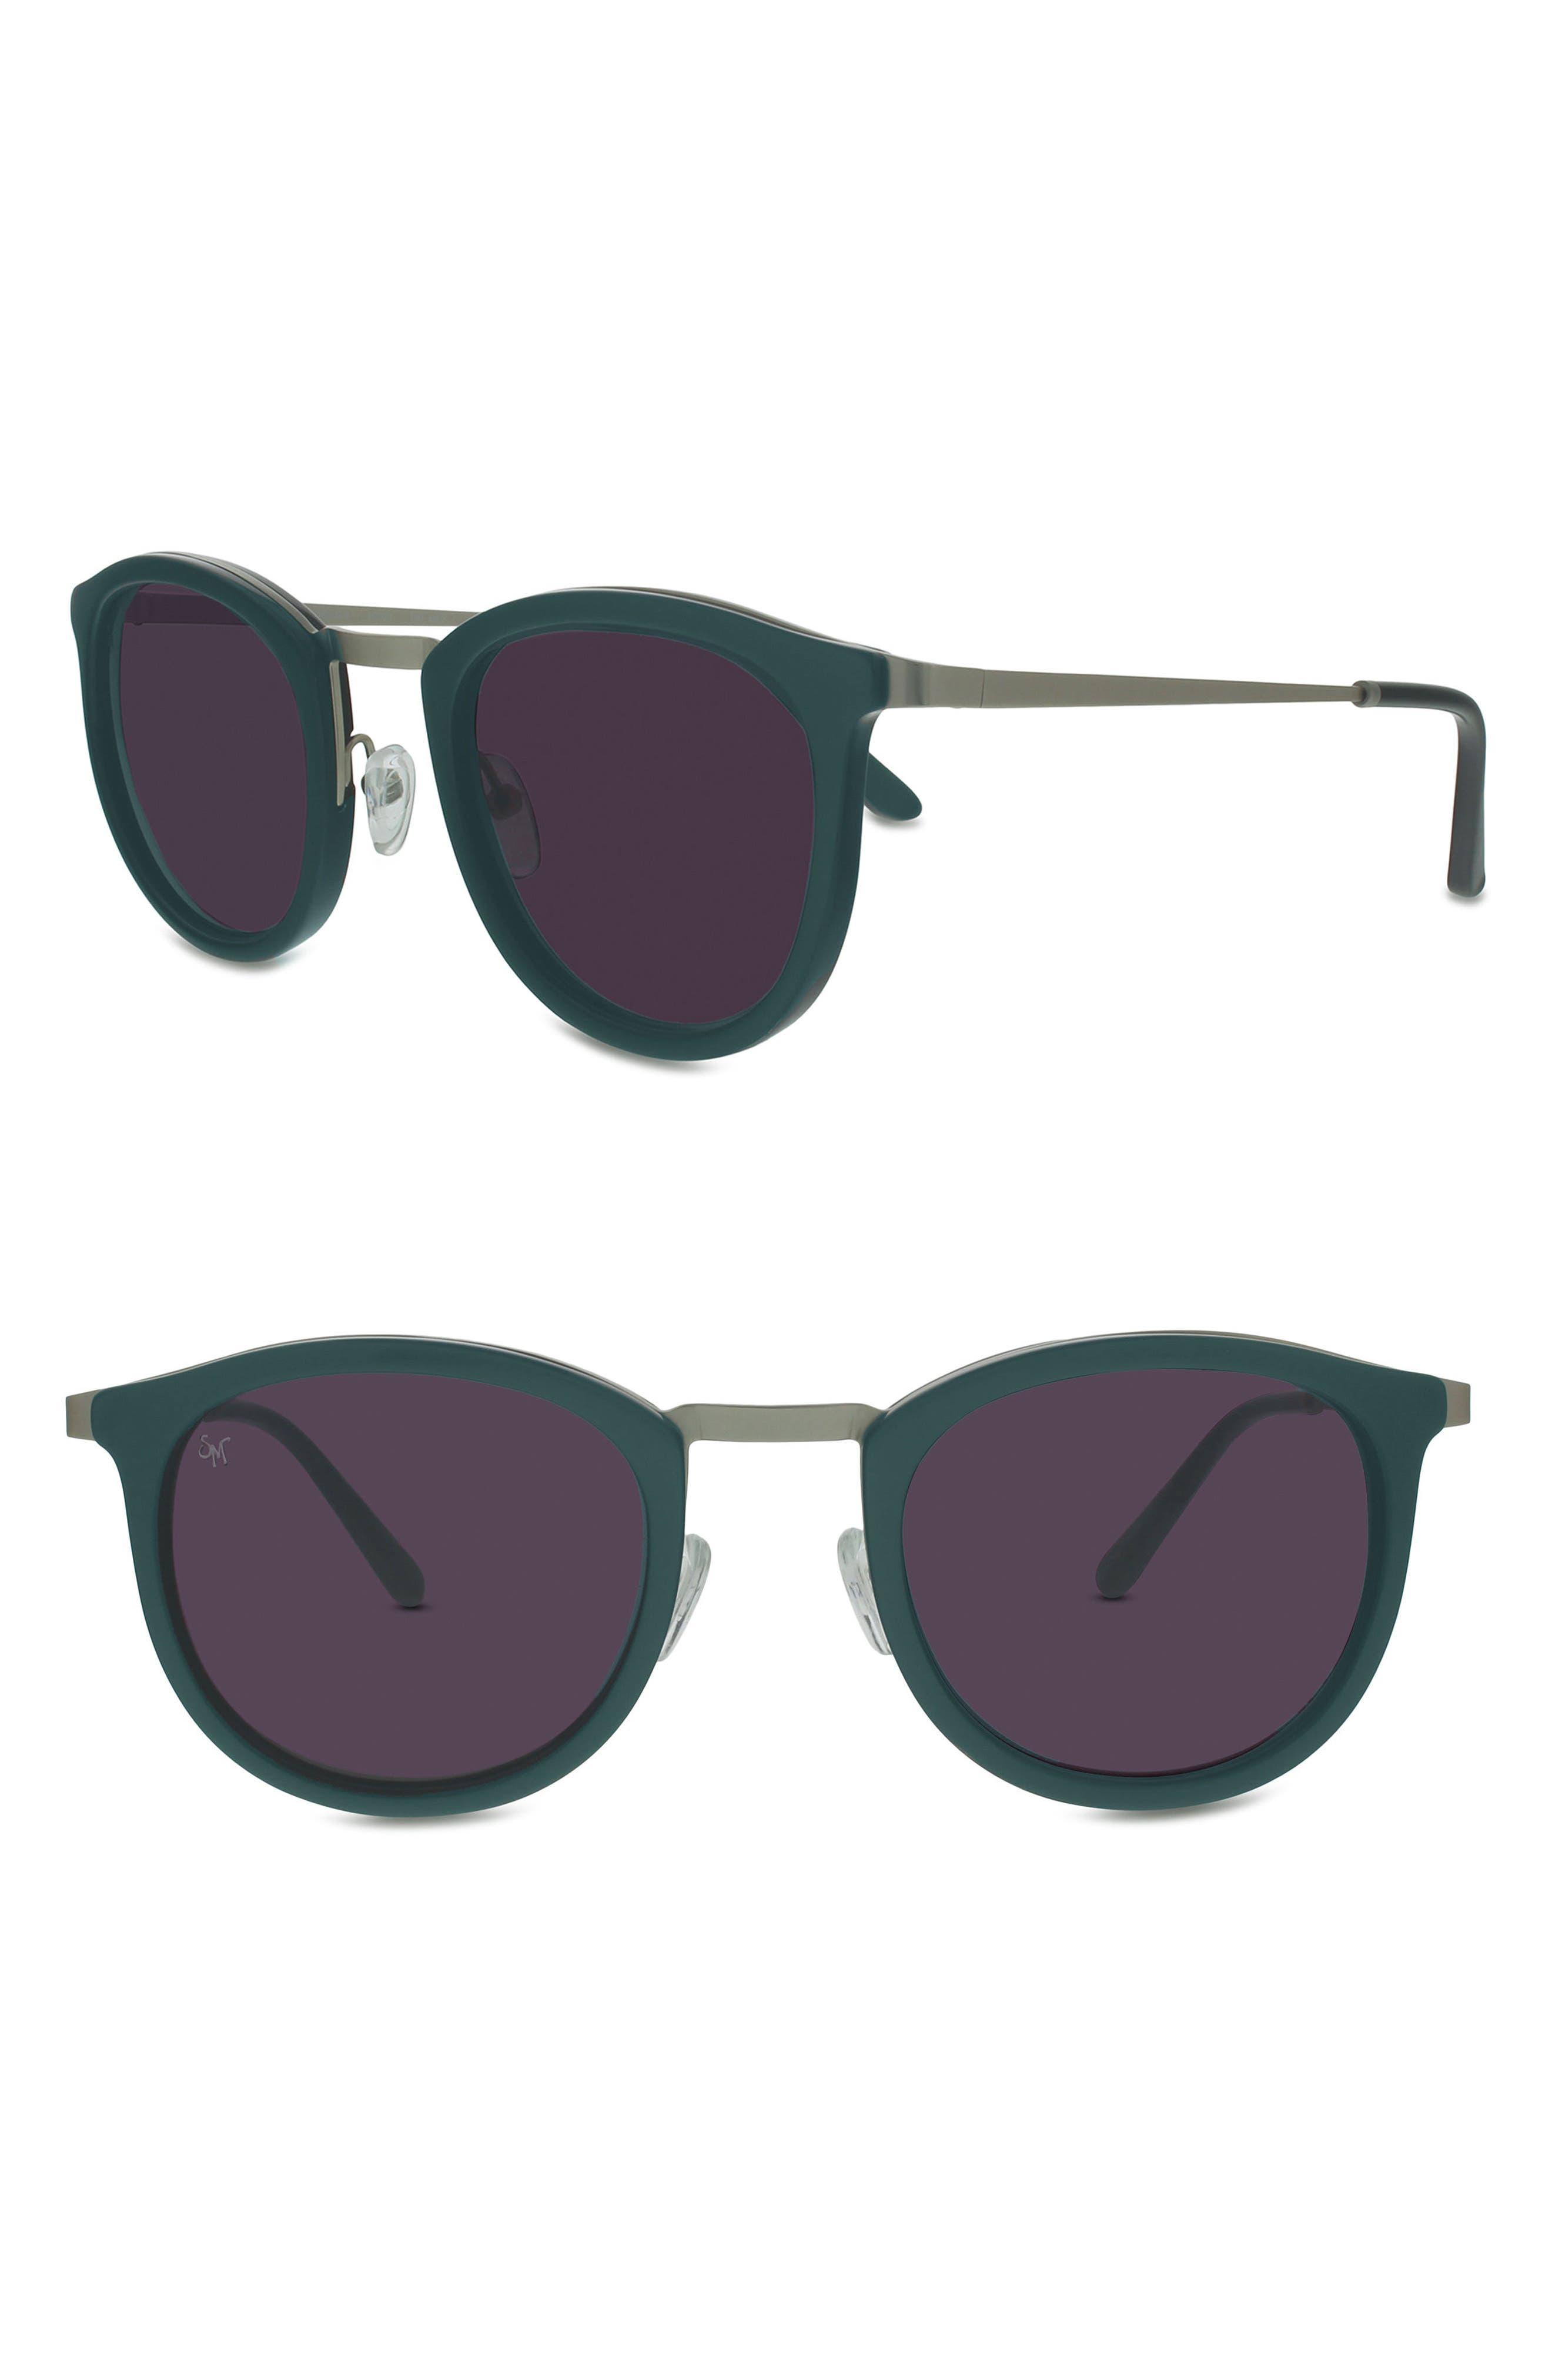 Shout 49mm Retro Sunglasses, Main, color, GREEN/ MATTE SILVER